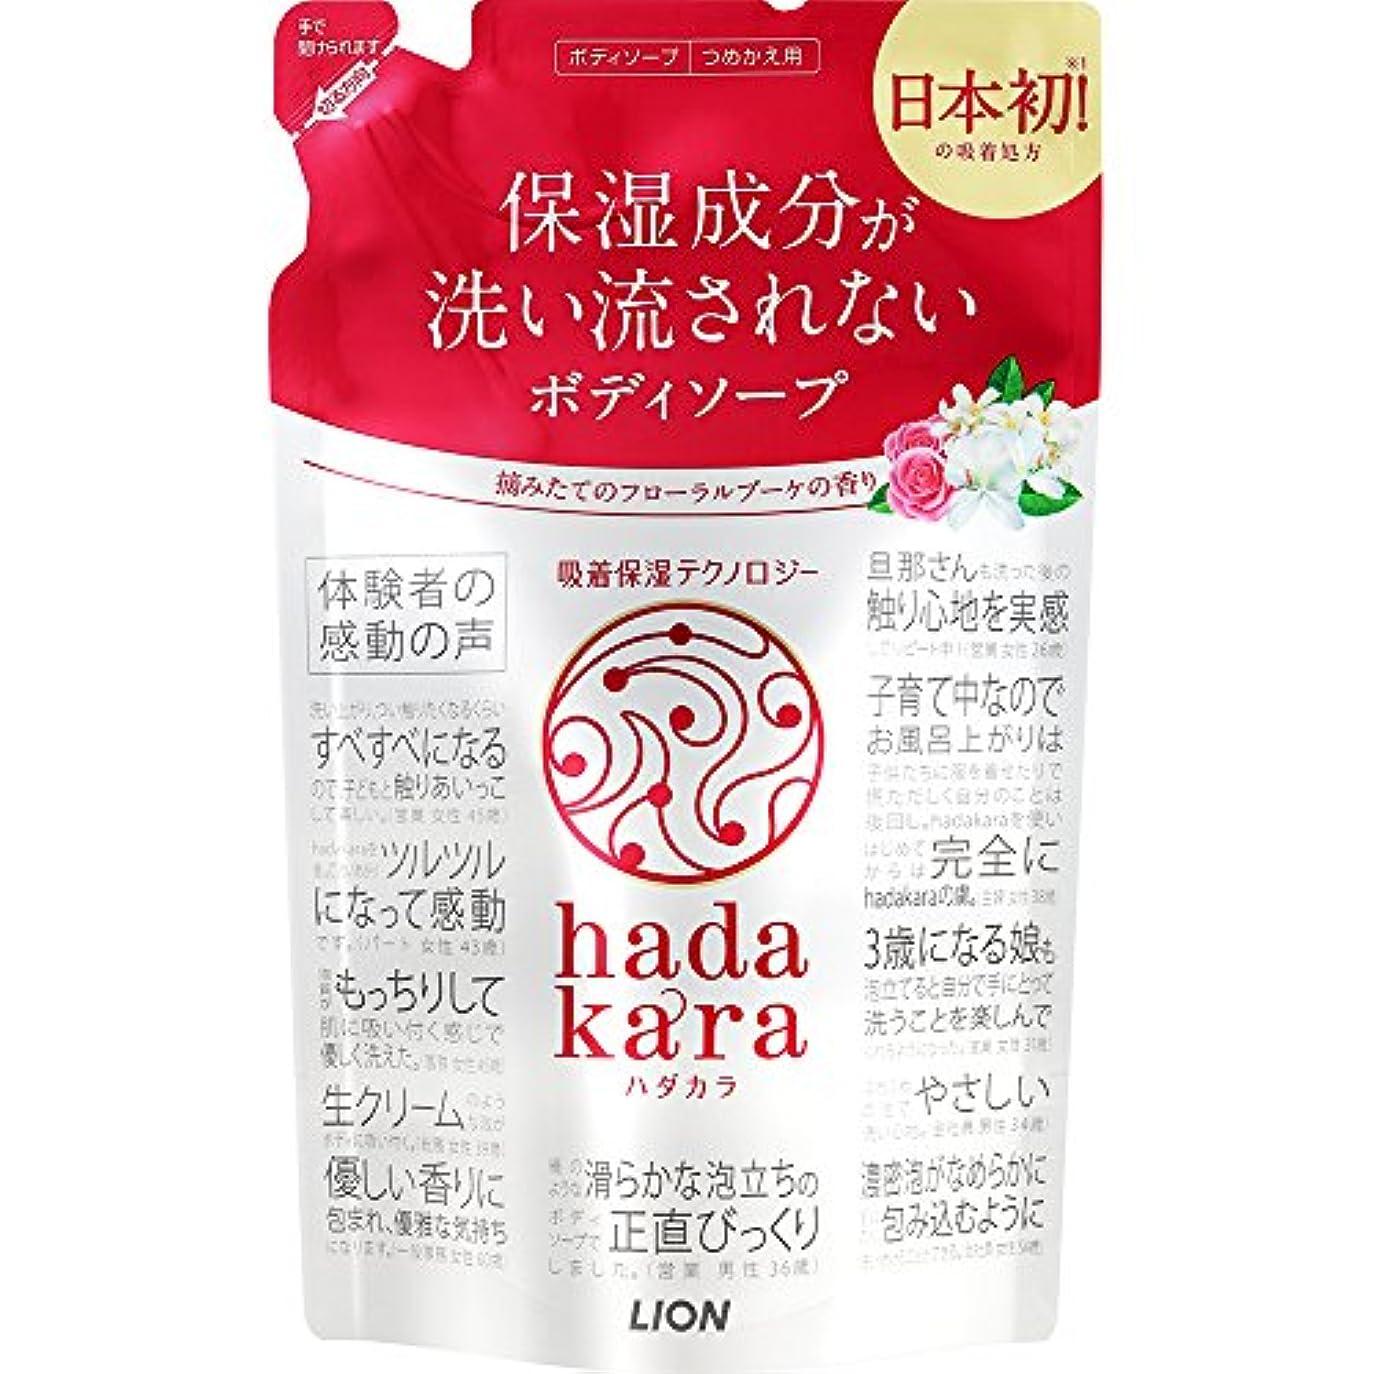 ダメージバーマドすなわちhadakara(ハダカラ) ボディソープ フローラルブーケの香り 詰め替え 360ml